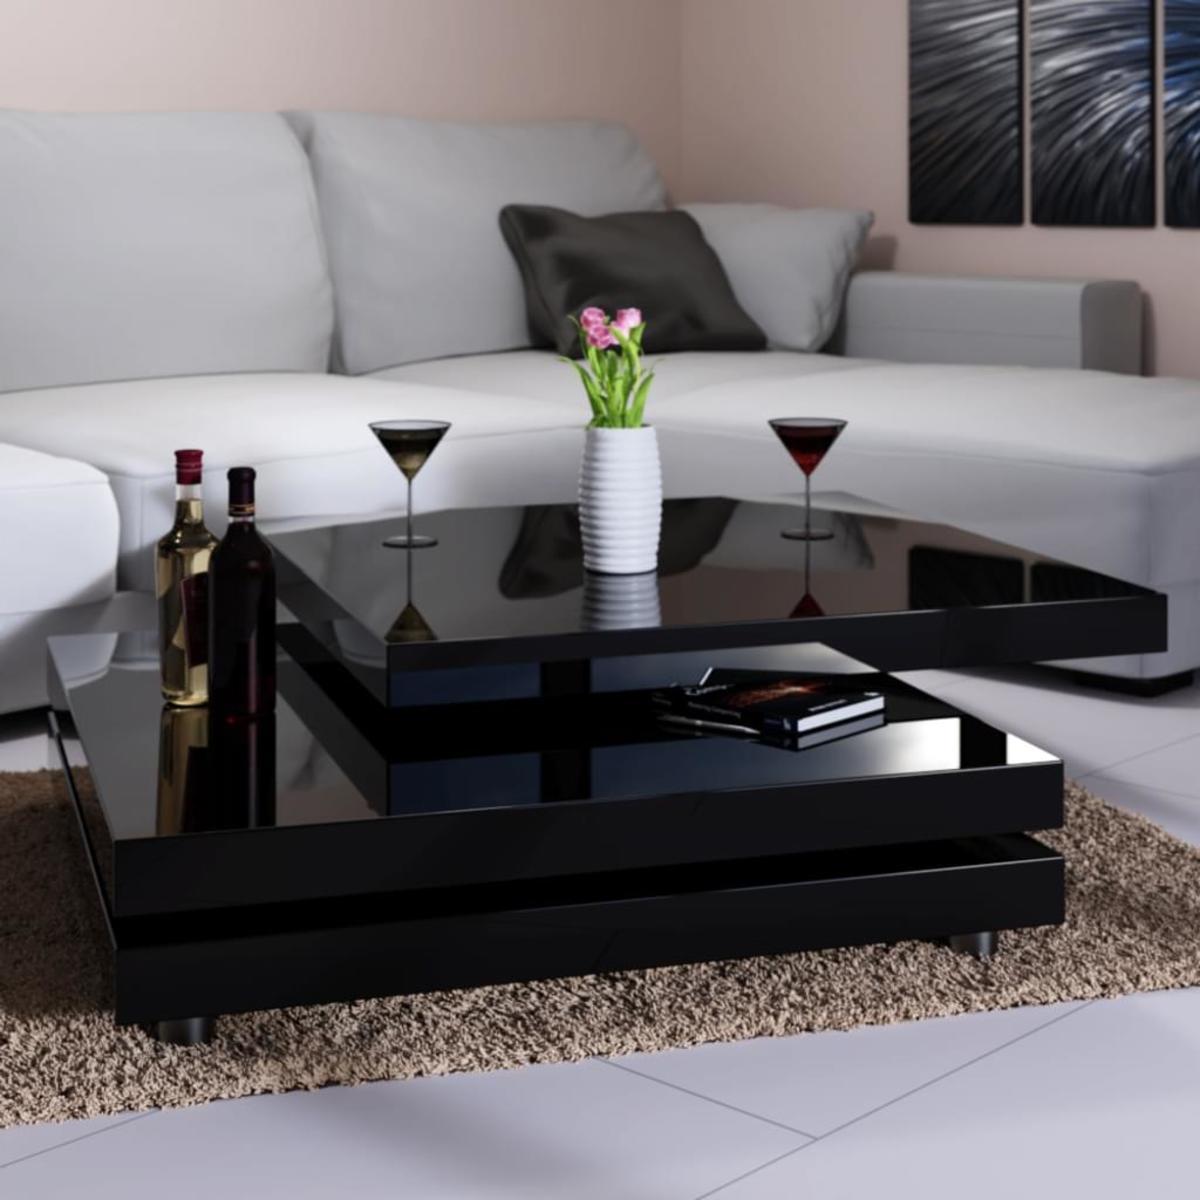 deuba couchtisch hochglanz schwarz modern 360 drehbar im cube design 60x60cm